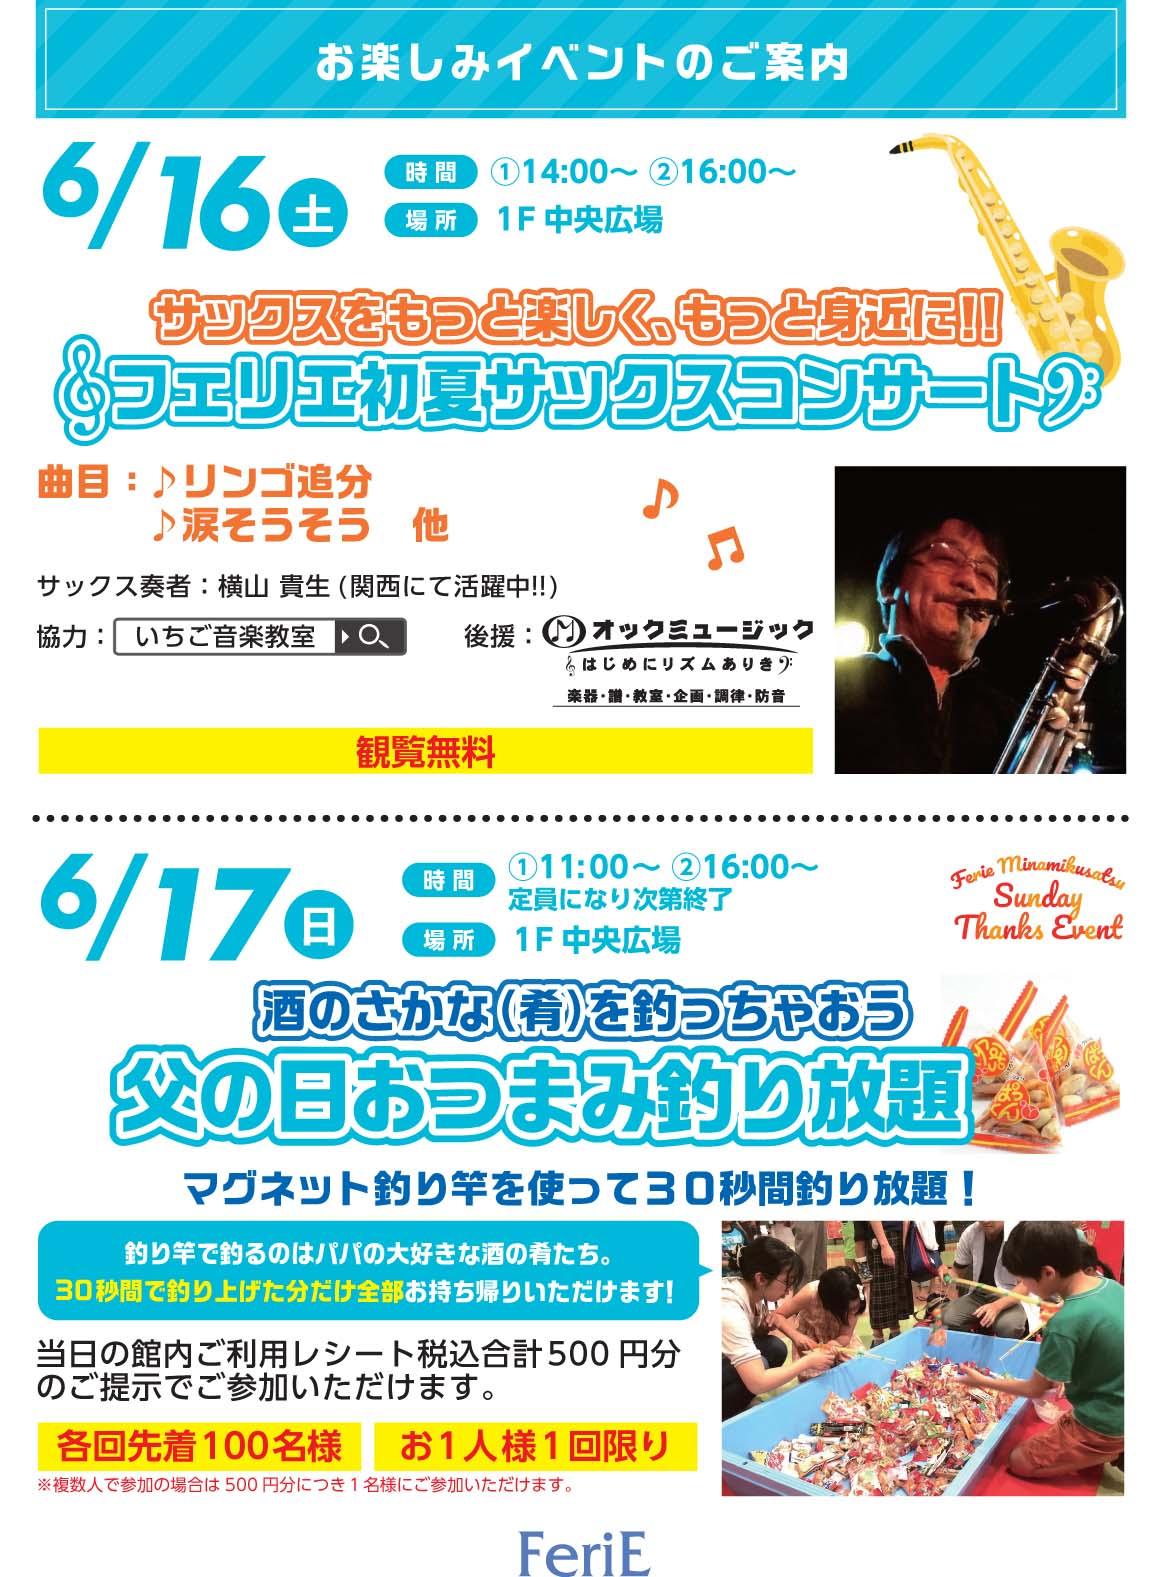 イベントポスター6月16-17